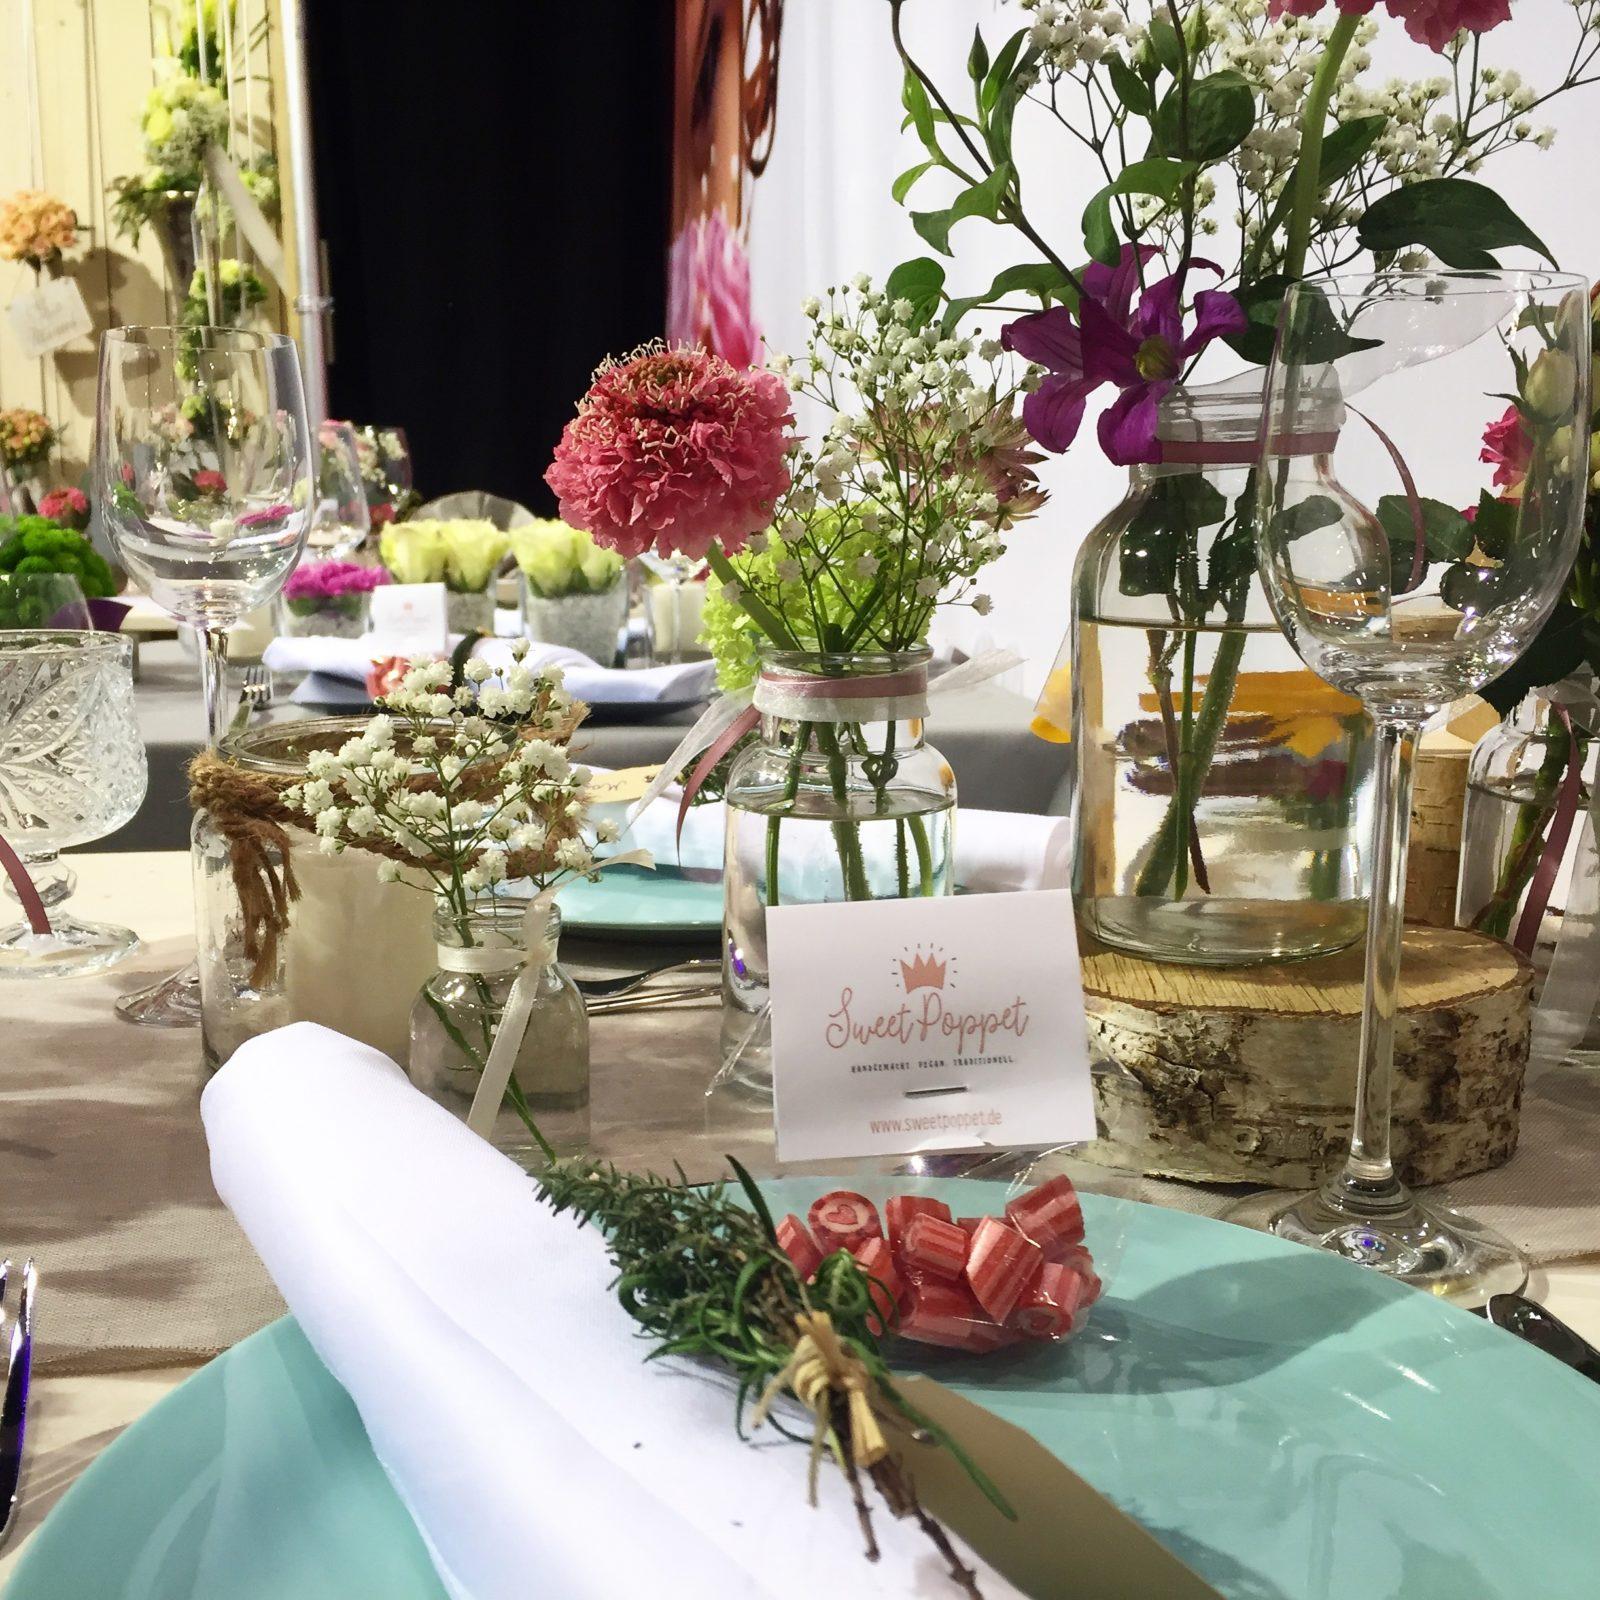 Sweet Poppet Hochzeits-Tafel mit Bonbons